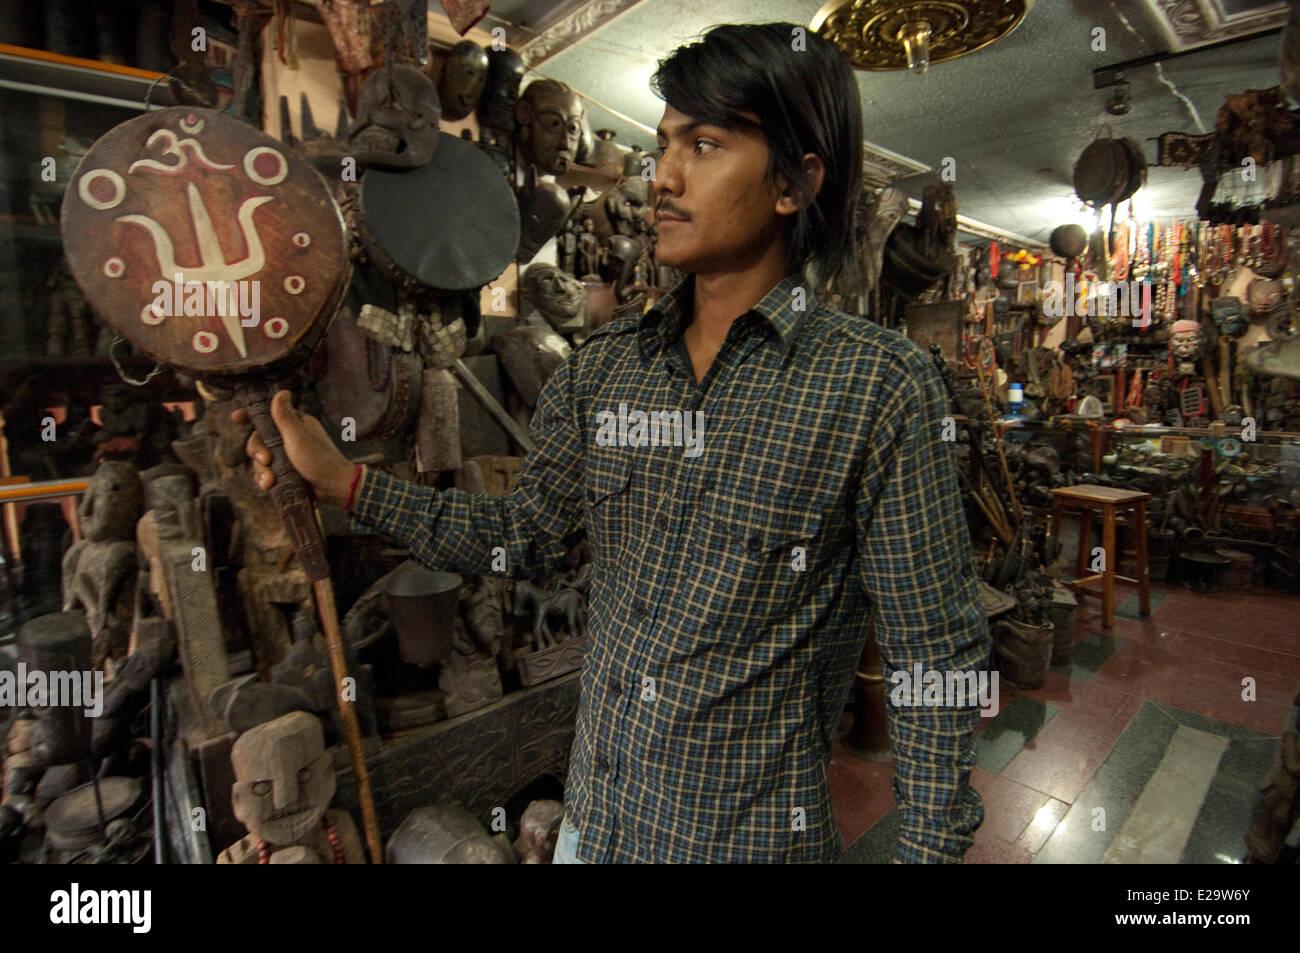 Il Nepal, zona di Bagmati, Kathmandu, negozio specializzato in oggetti di antiquariato e Chamanism artefatti Immagini Stock